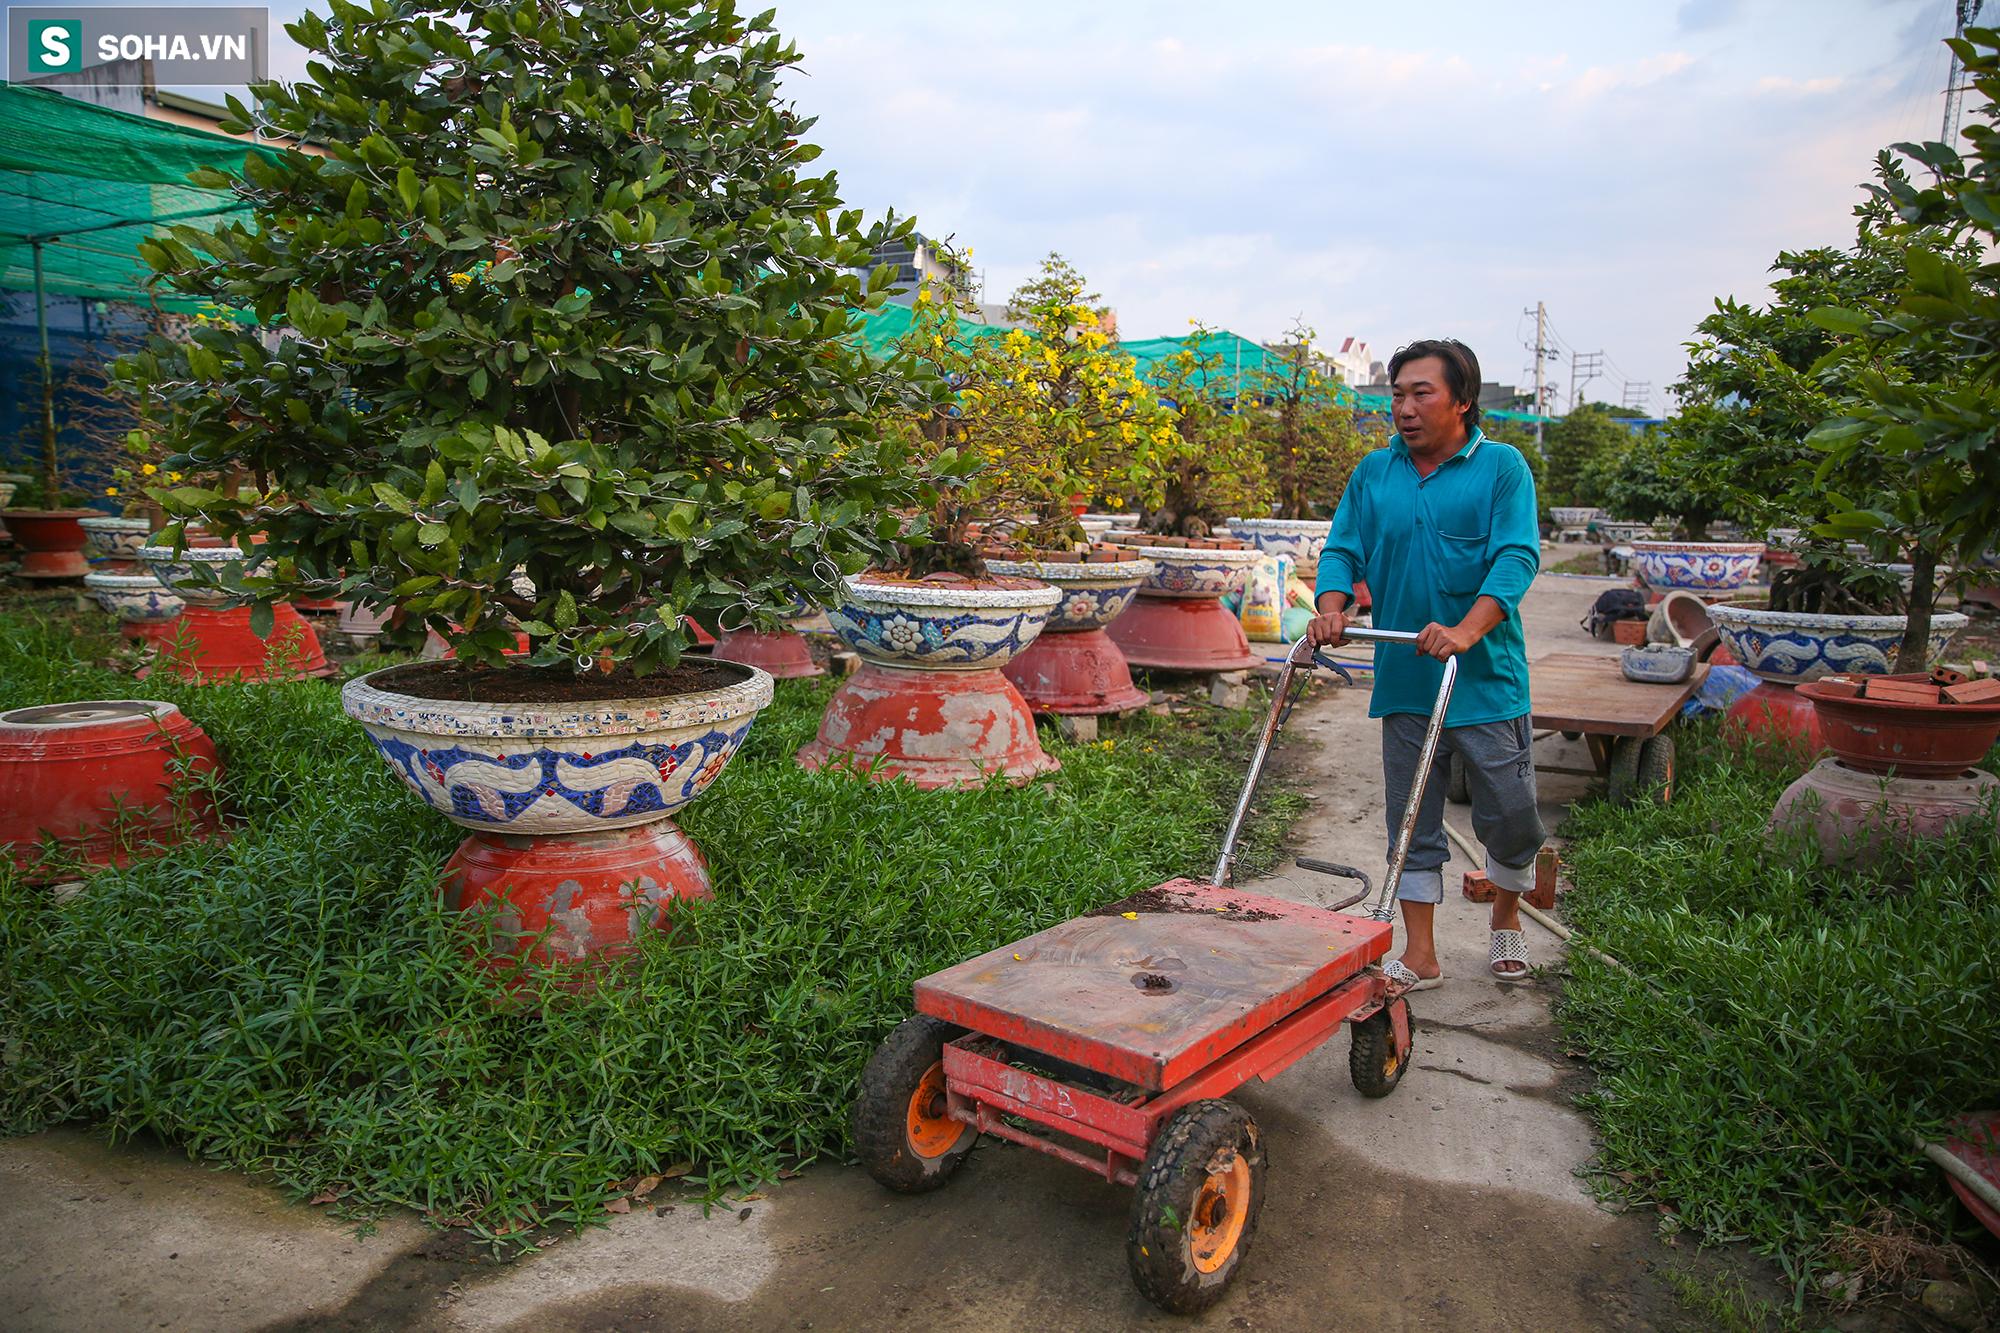 [Ảnh] Hàng nghìn cây mai nở sớm trước Tết cả tháng, chủ vườn mất trắng 15 tỷ đồng - Ảnh 8.